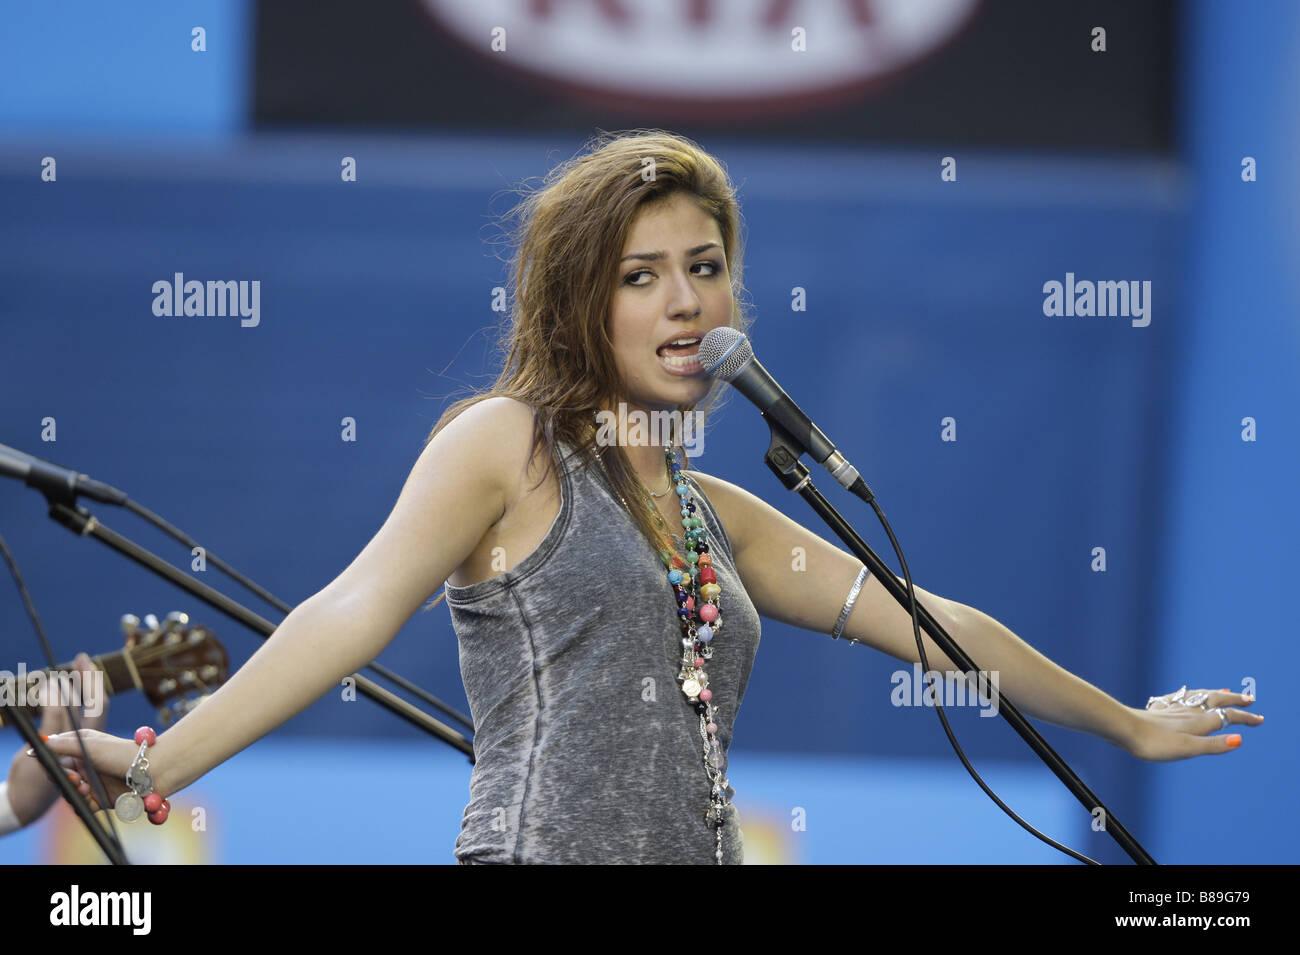 Gabriella Cilmi Singer l'exécution finale à l'Open d'Australie à Melbourne, Australie Banque D'Images